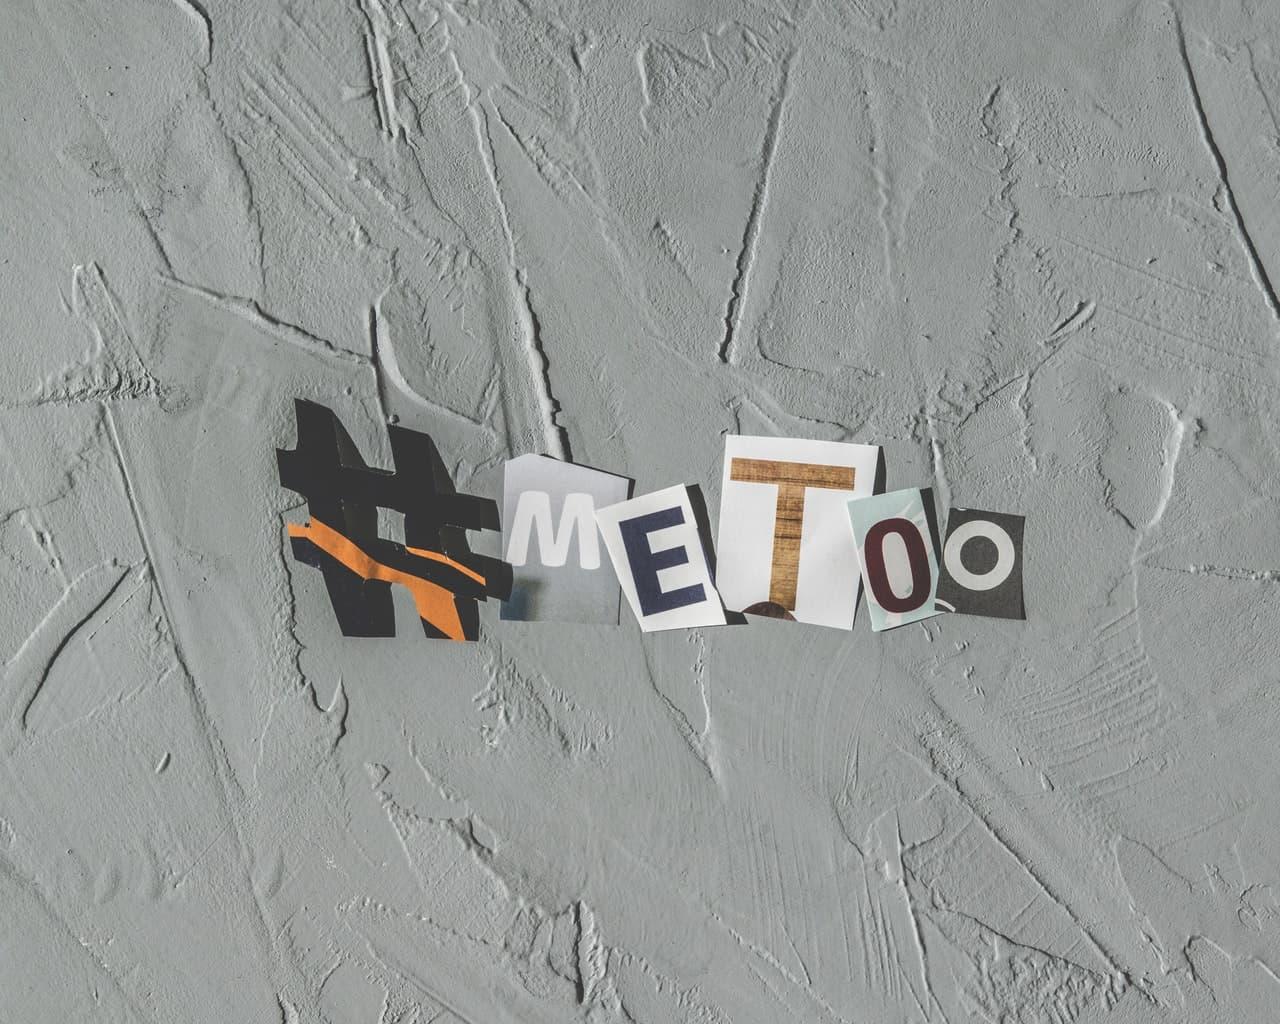 MeToo חקר האמת בהטרדה מינית